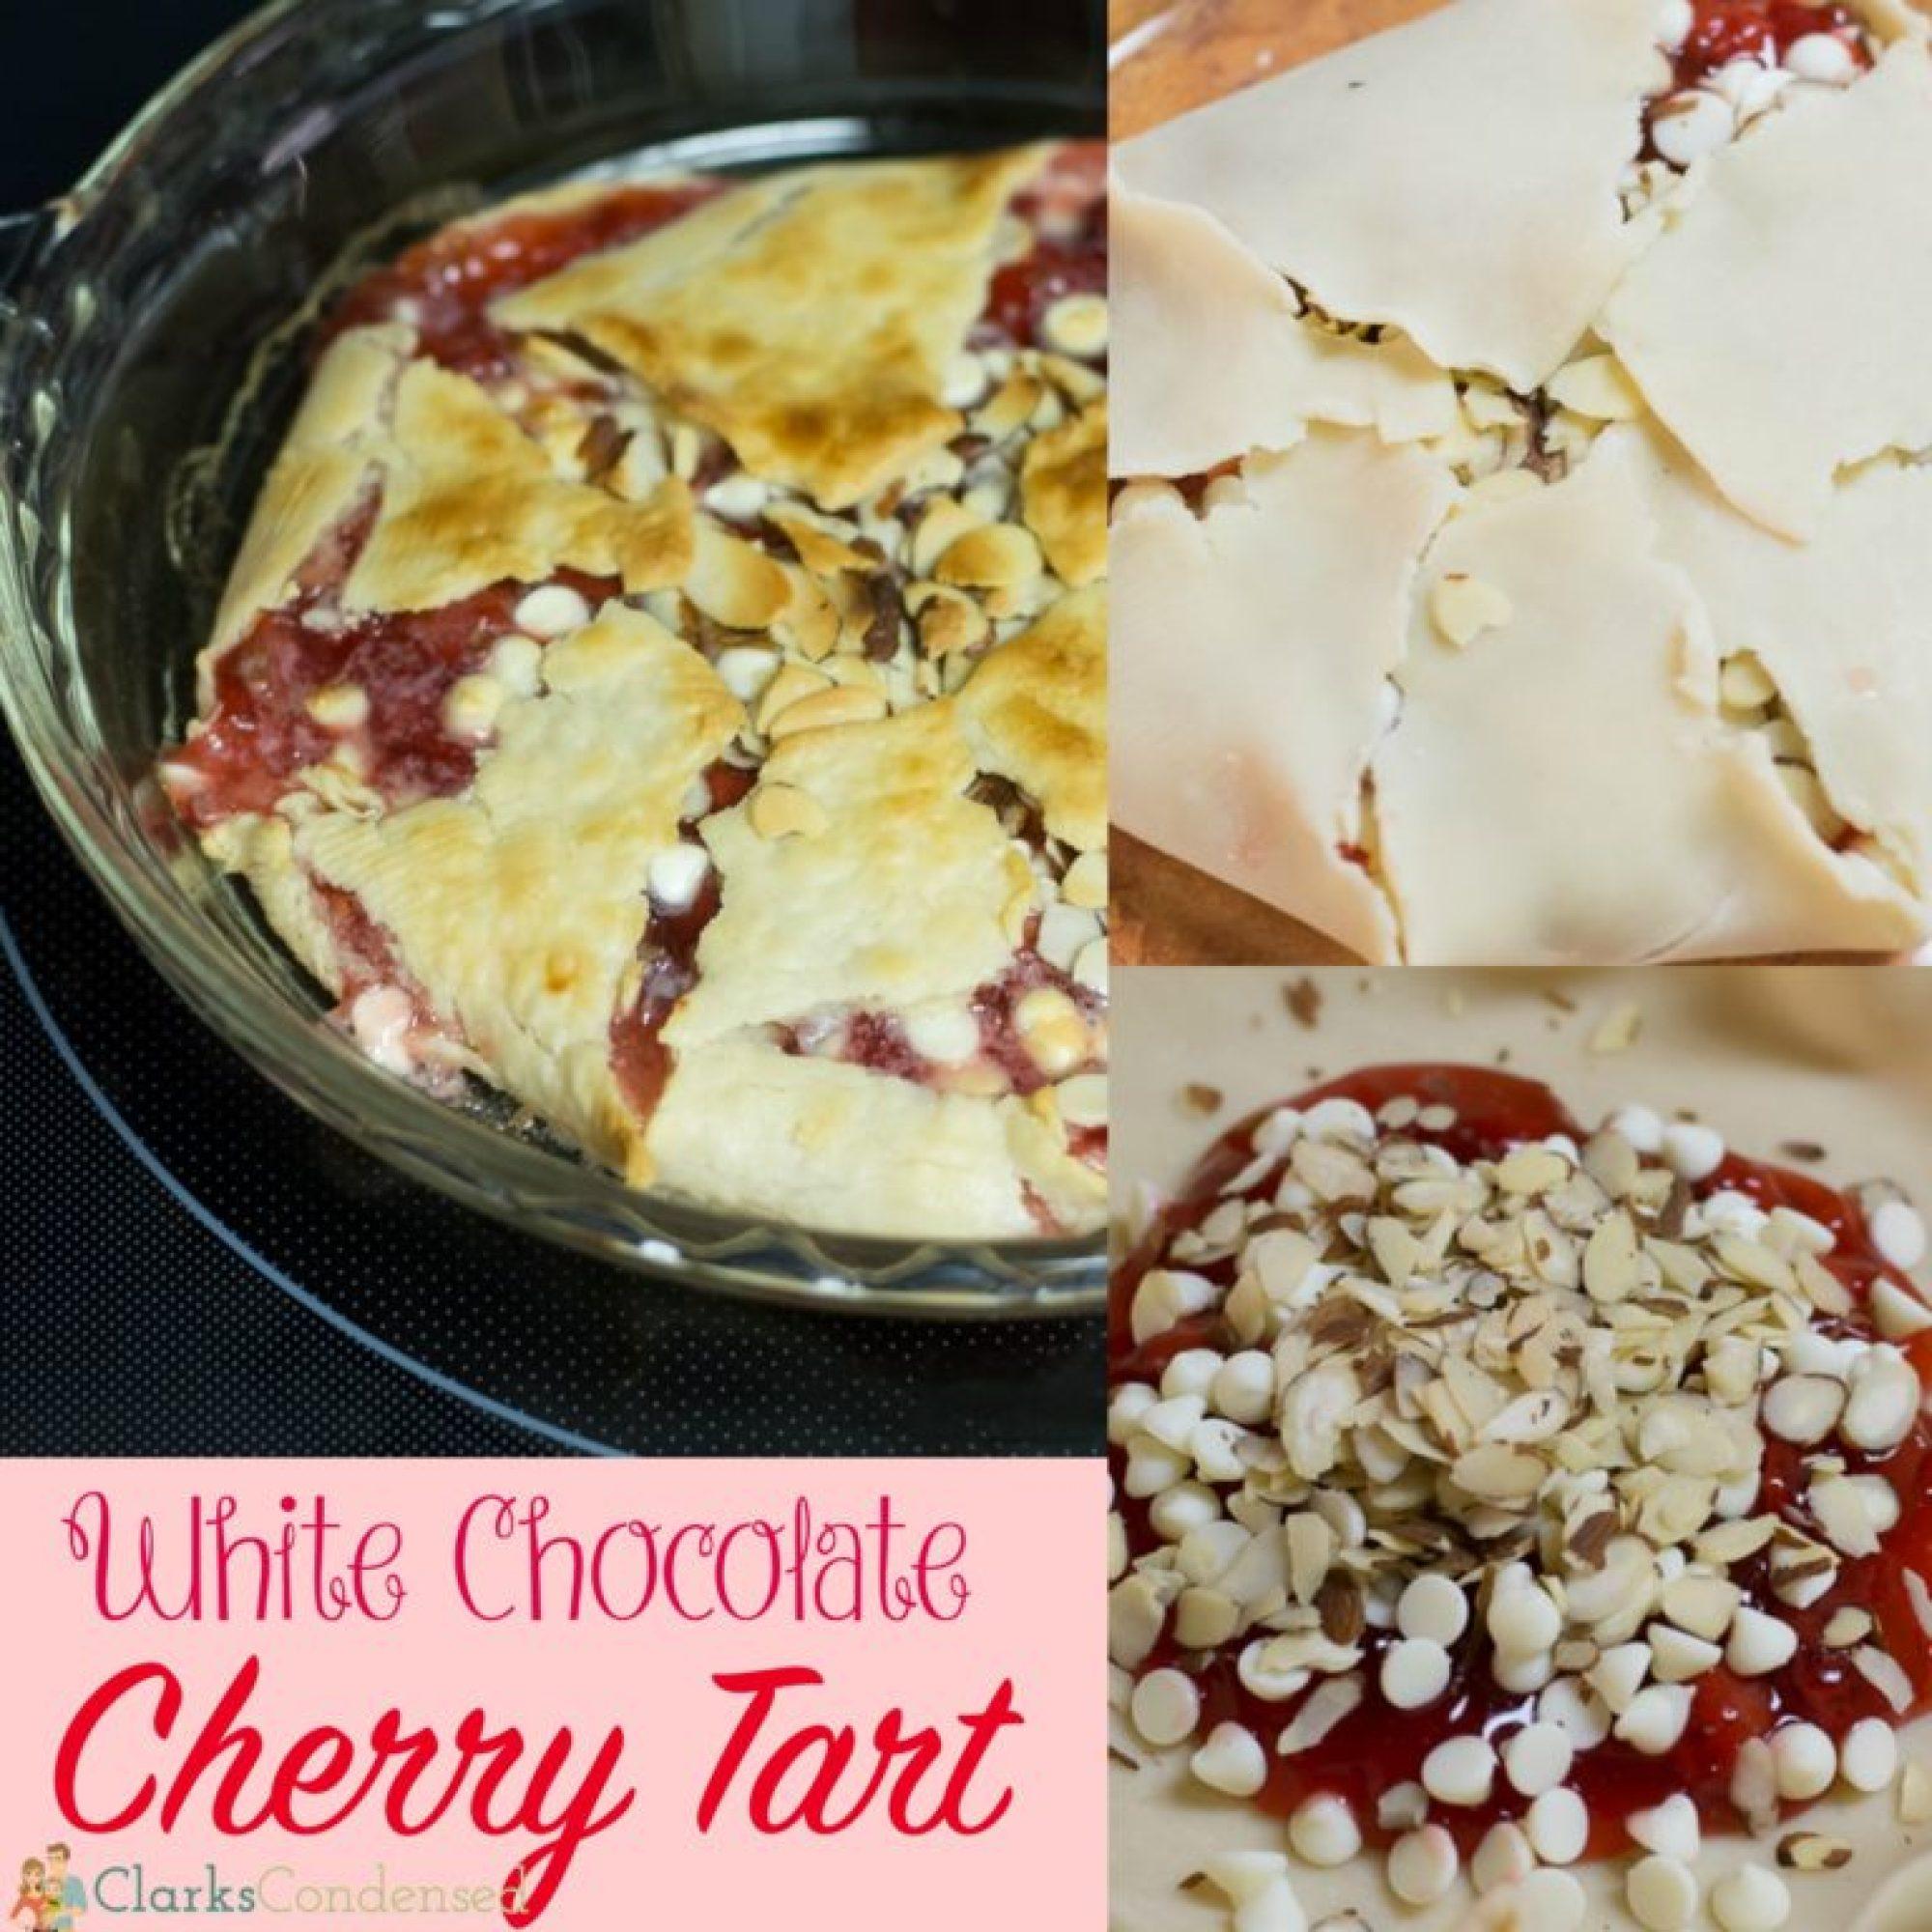 whitechocolatecherrytartsquare